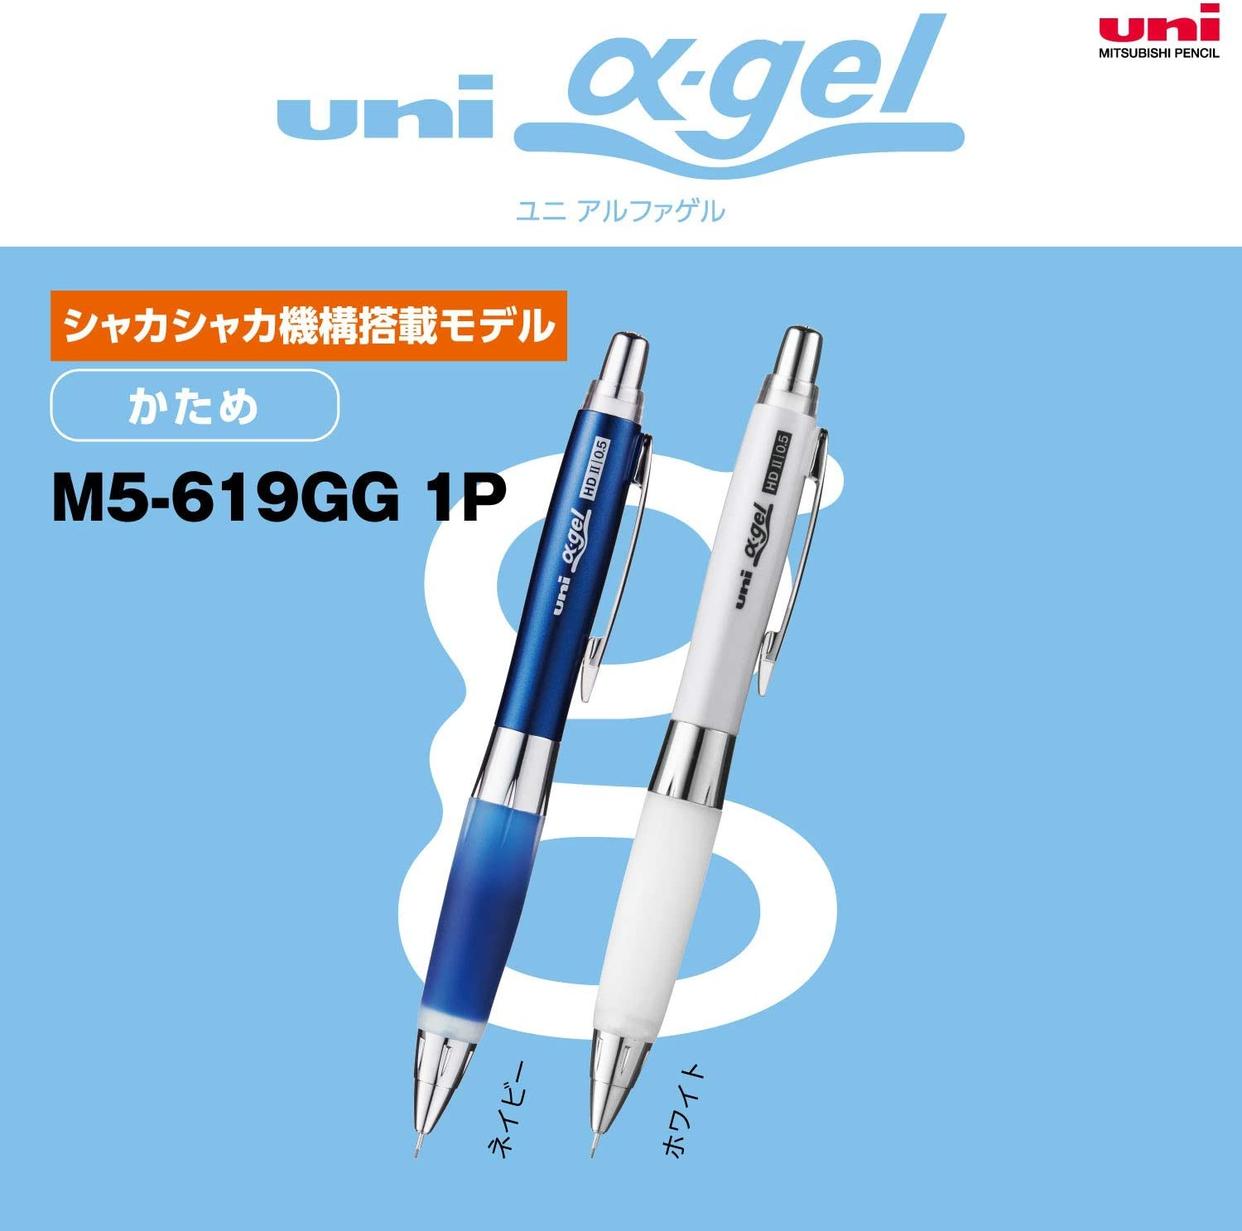 uni α-gel(ユニ アルファゲル) シャカシャカ機構搭載モデル:かため  M5-619GG 1Pの商品画像3